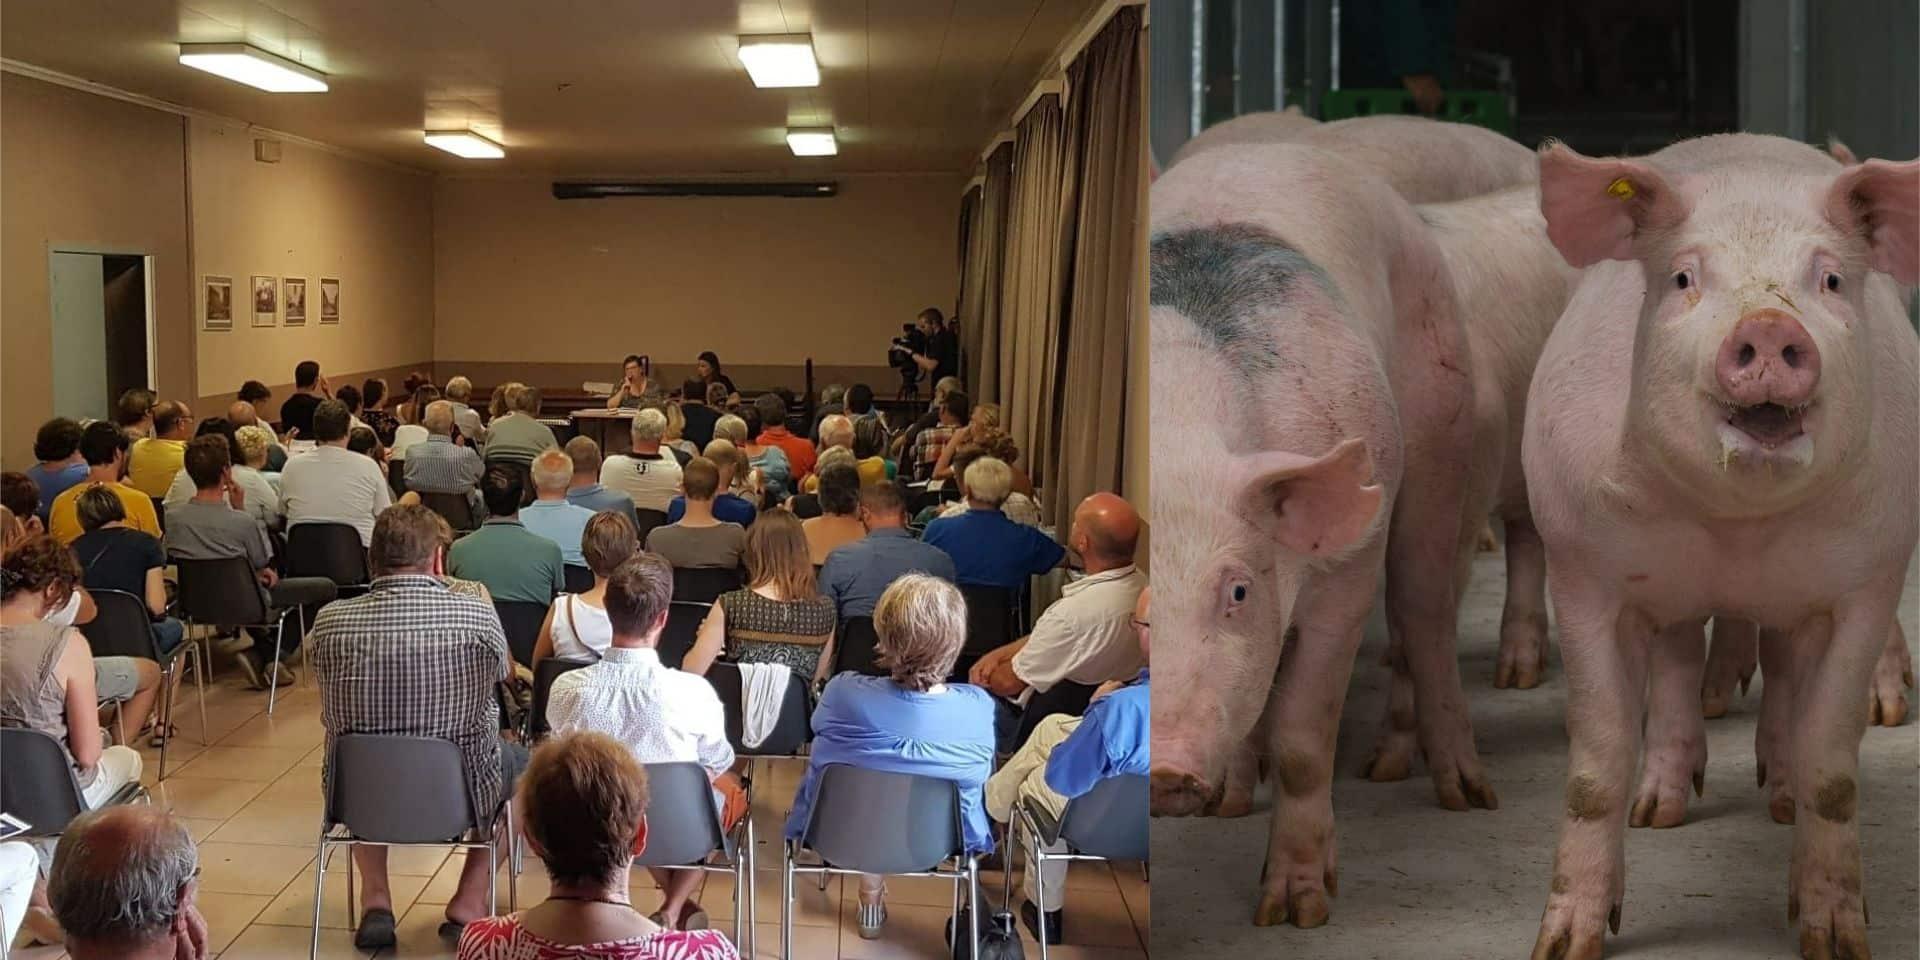 Une pétition lancée contre le projet de porcherie à Ronquières